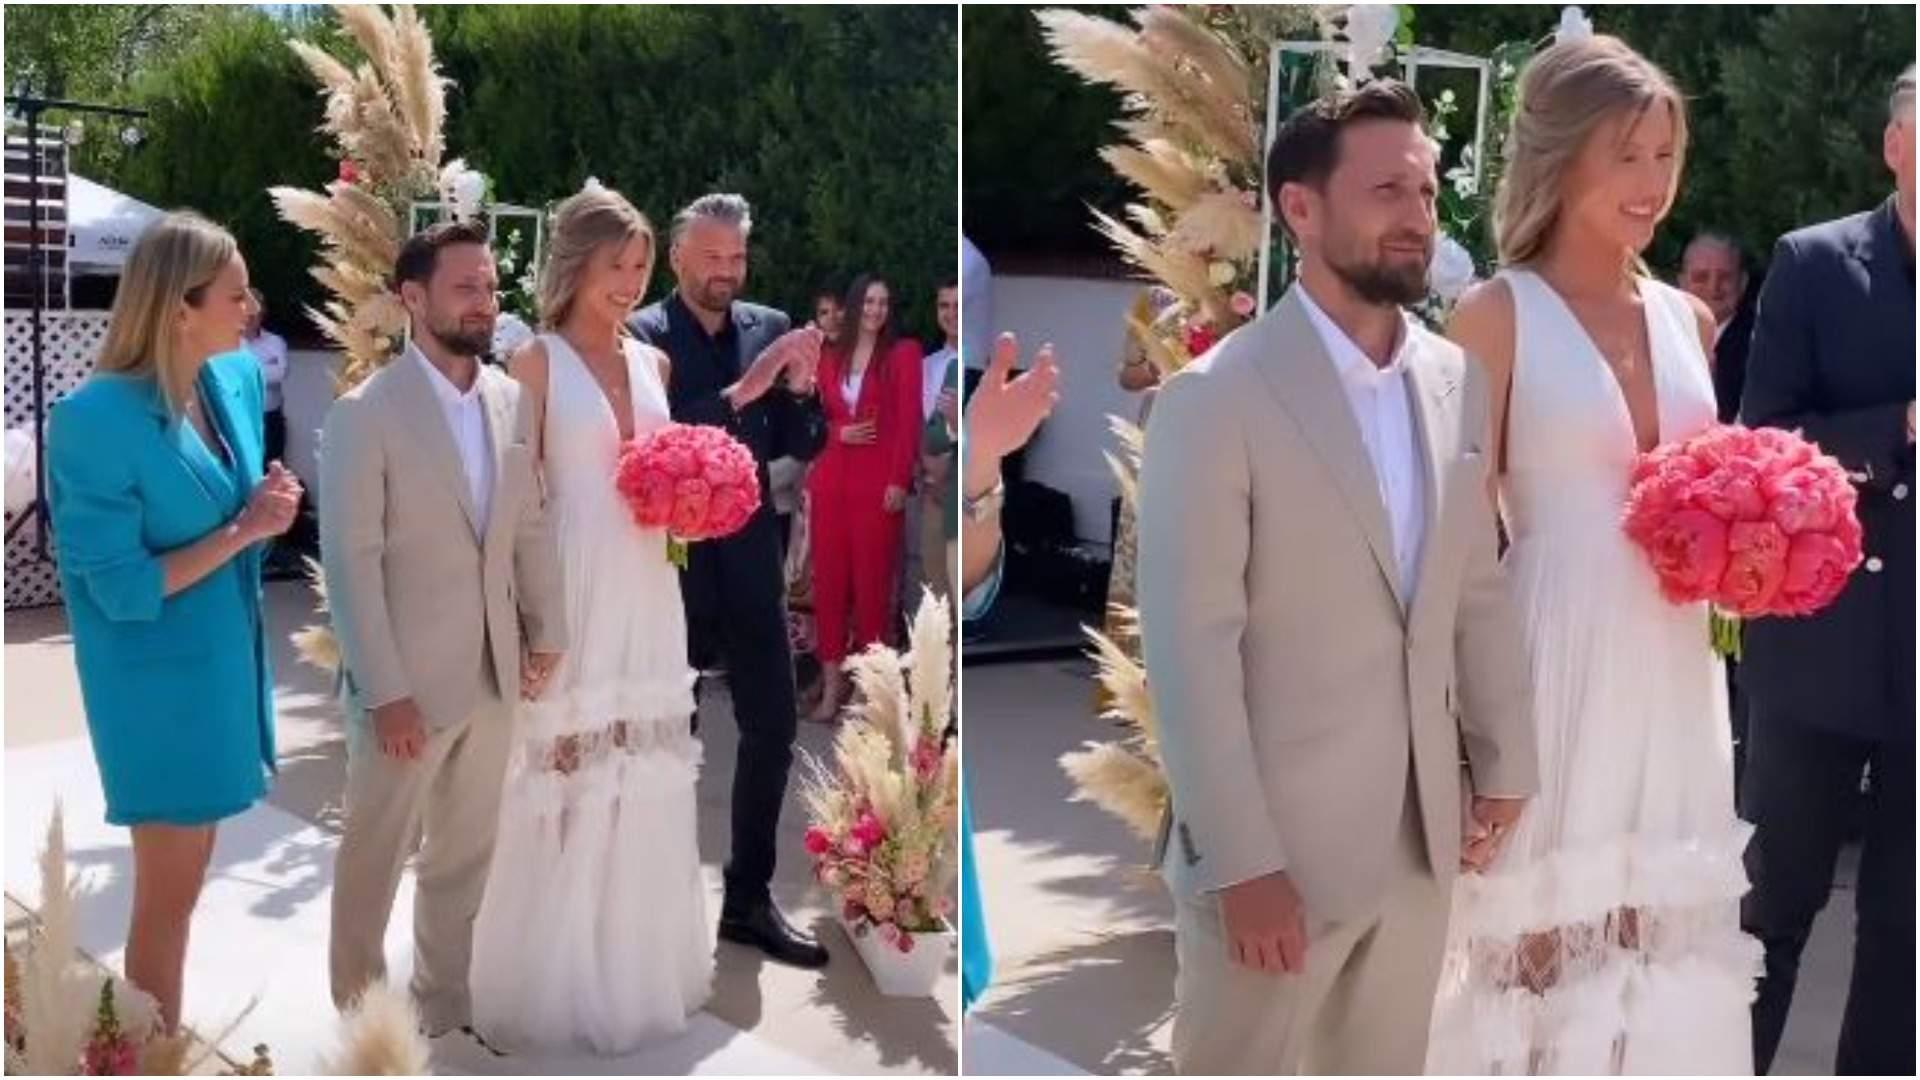 Colaj cu Gabriela Prisacariu și Dani Oțil la nuntă.